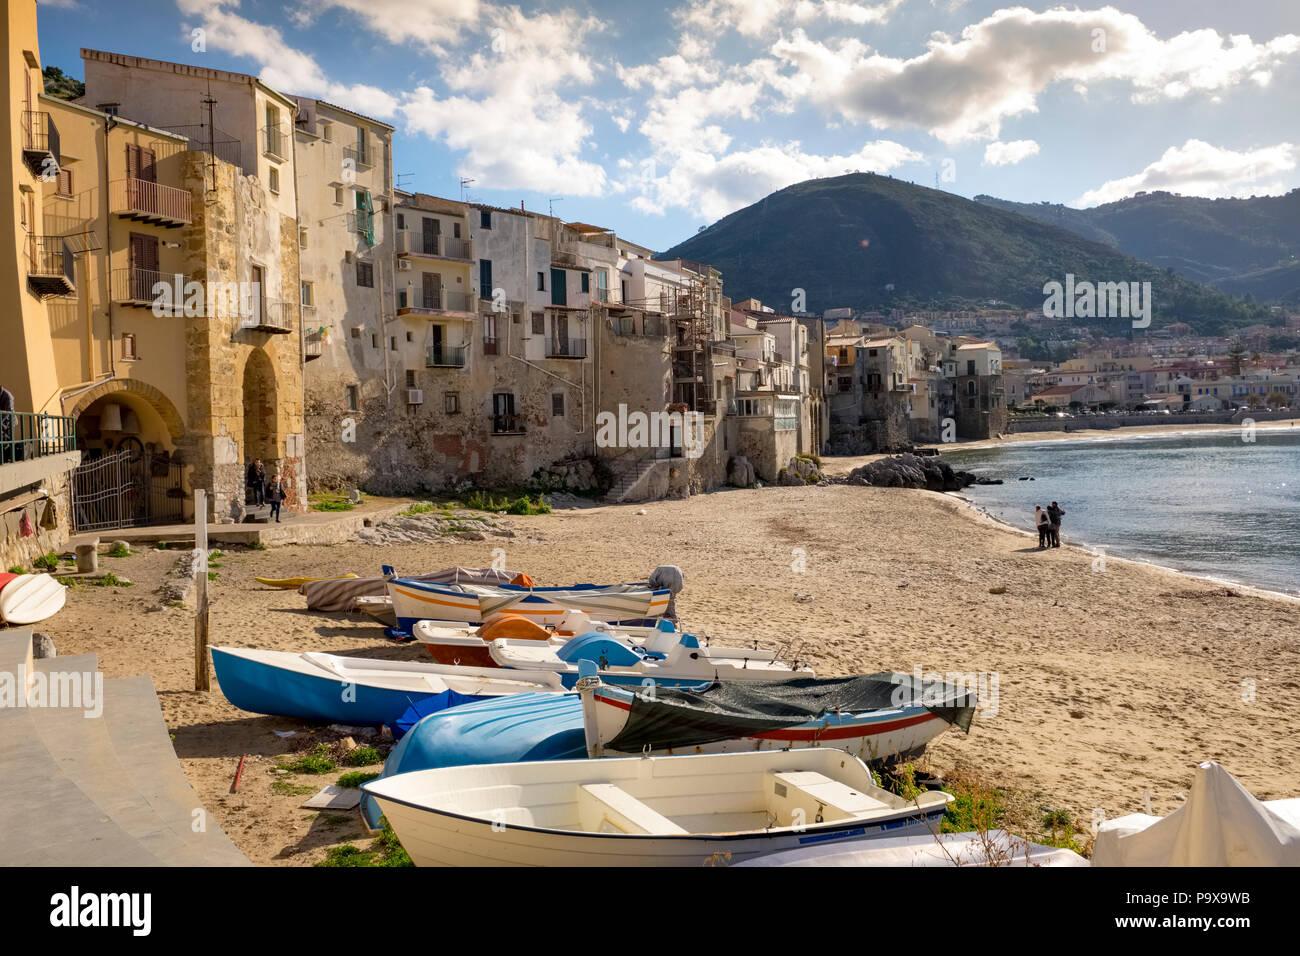 Sicile, Italie - beach avec des maisons de pêcheurs sur le front de mer dans la ville de Cefalù, Sicile Photo Stock